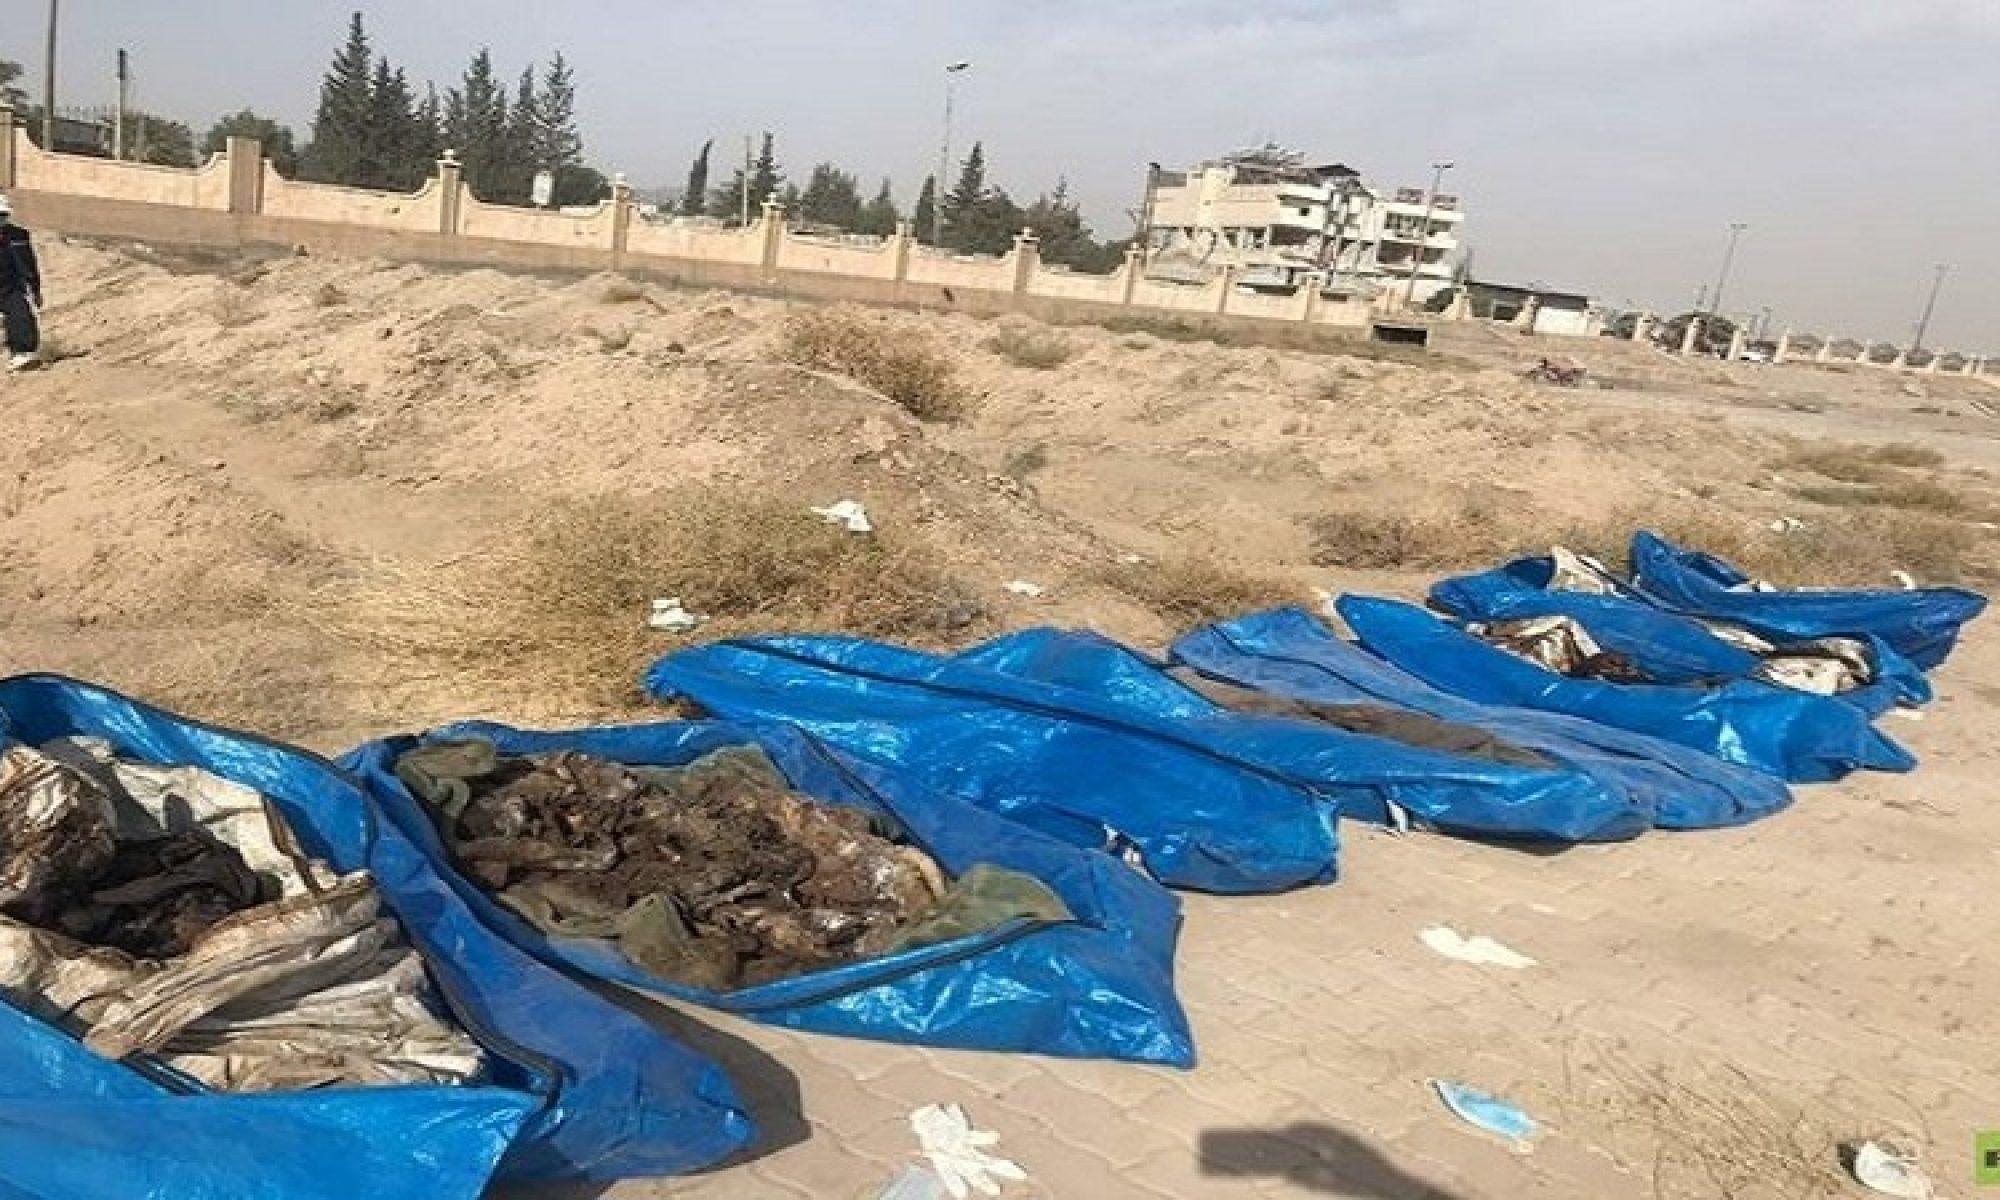 Rakka'daki toplu mezarlardan çoğunluğu kadın ve çocuk 5 bin 900 ceset çıkarıldı